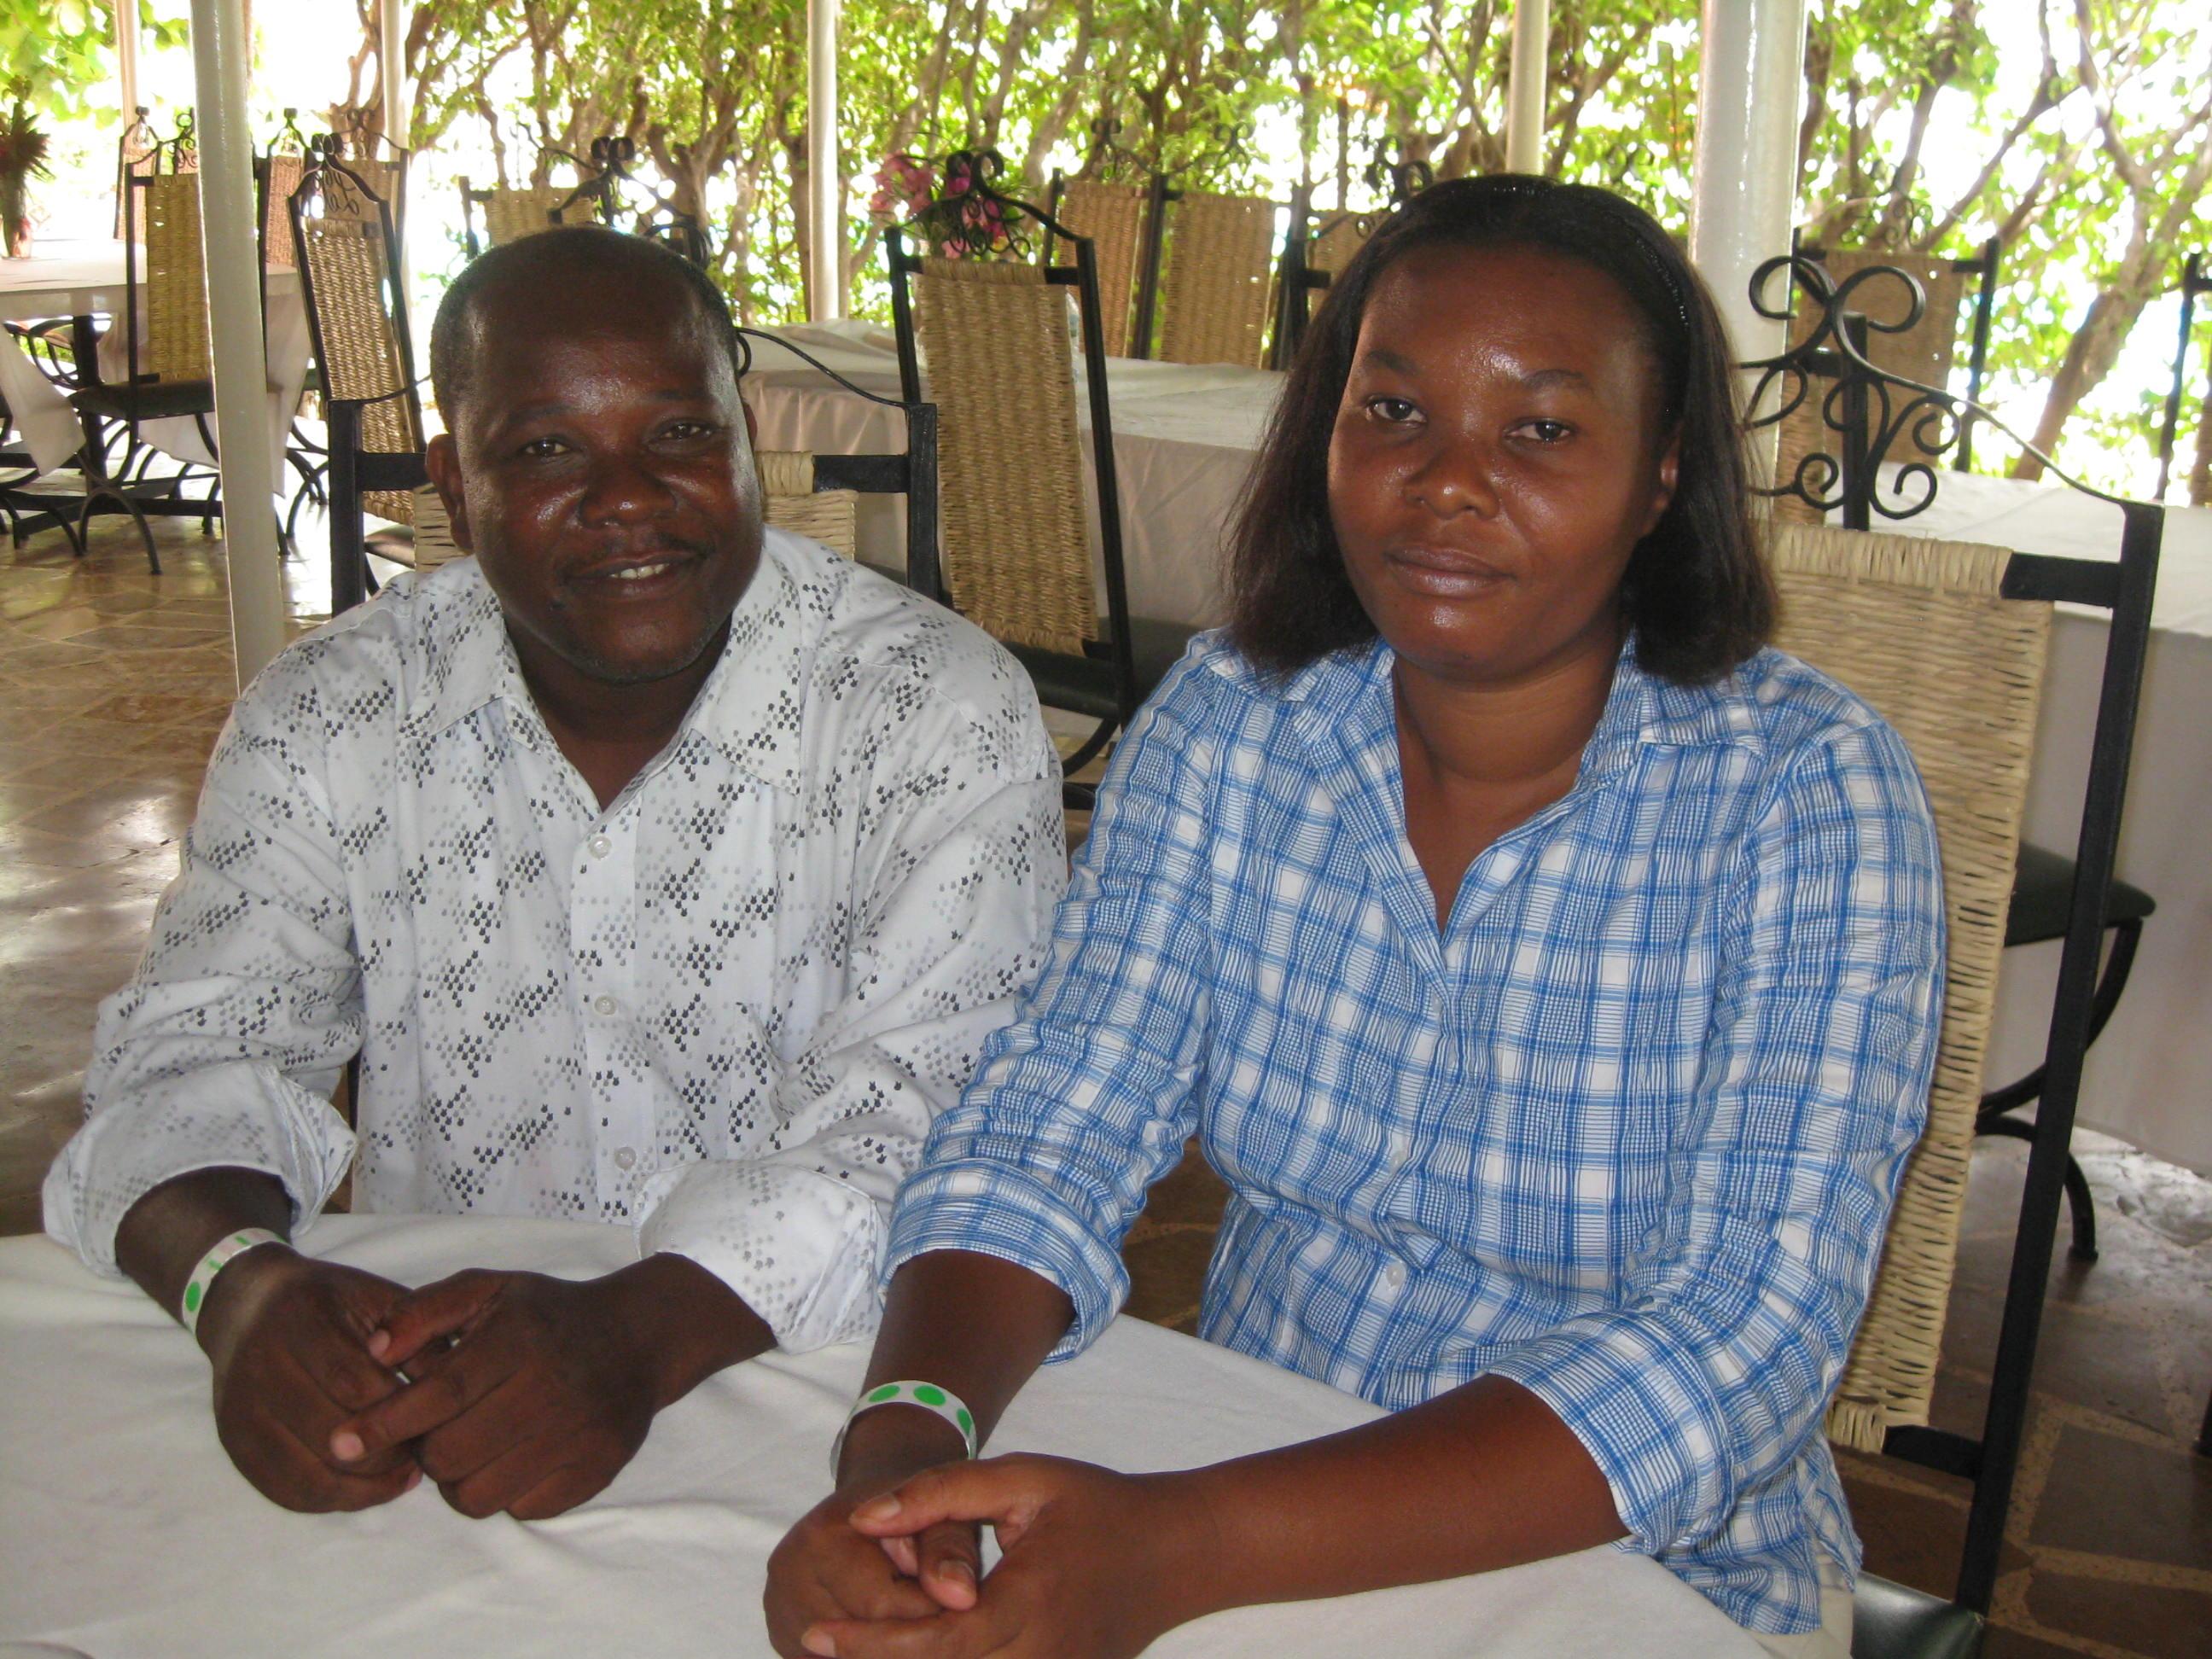 Vaudy and Zulta Jean-Baptiste